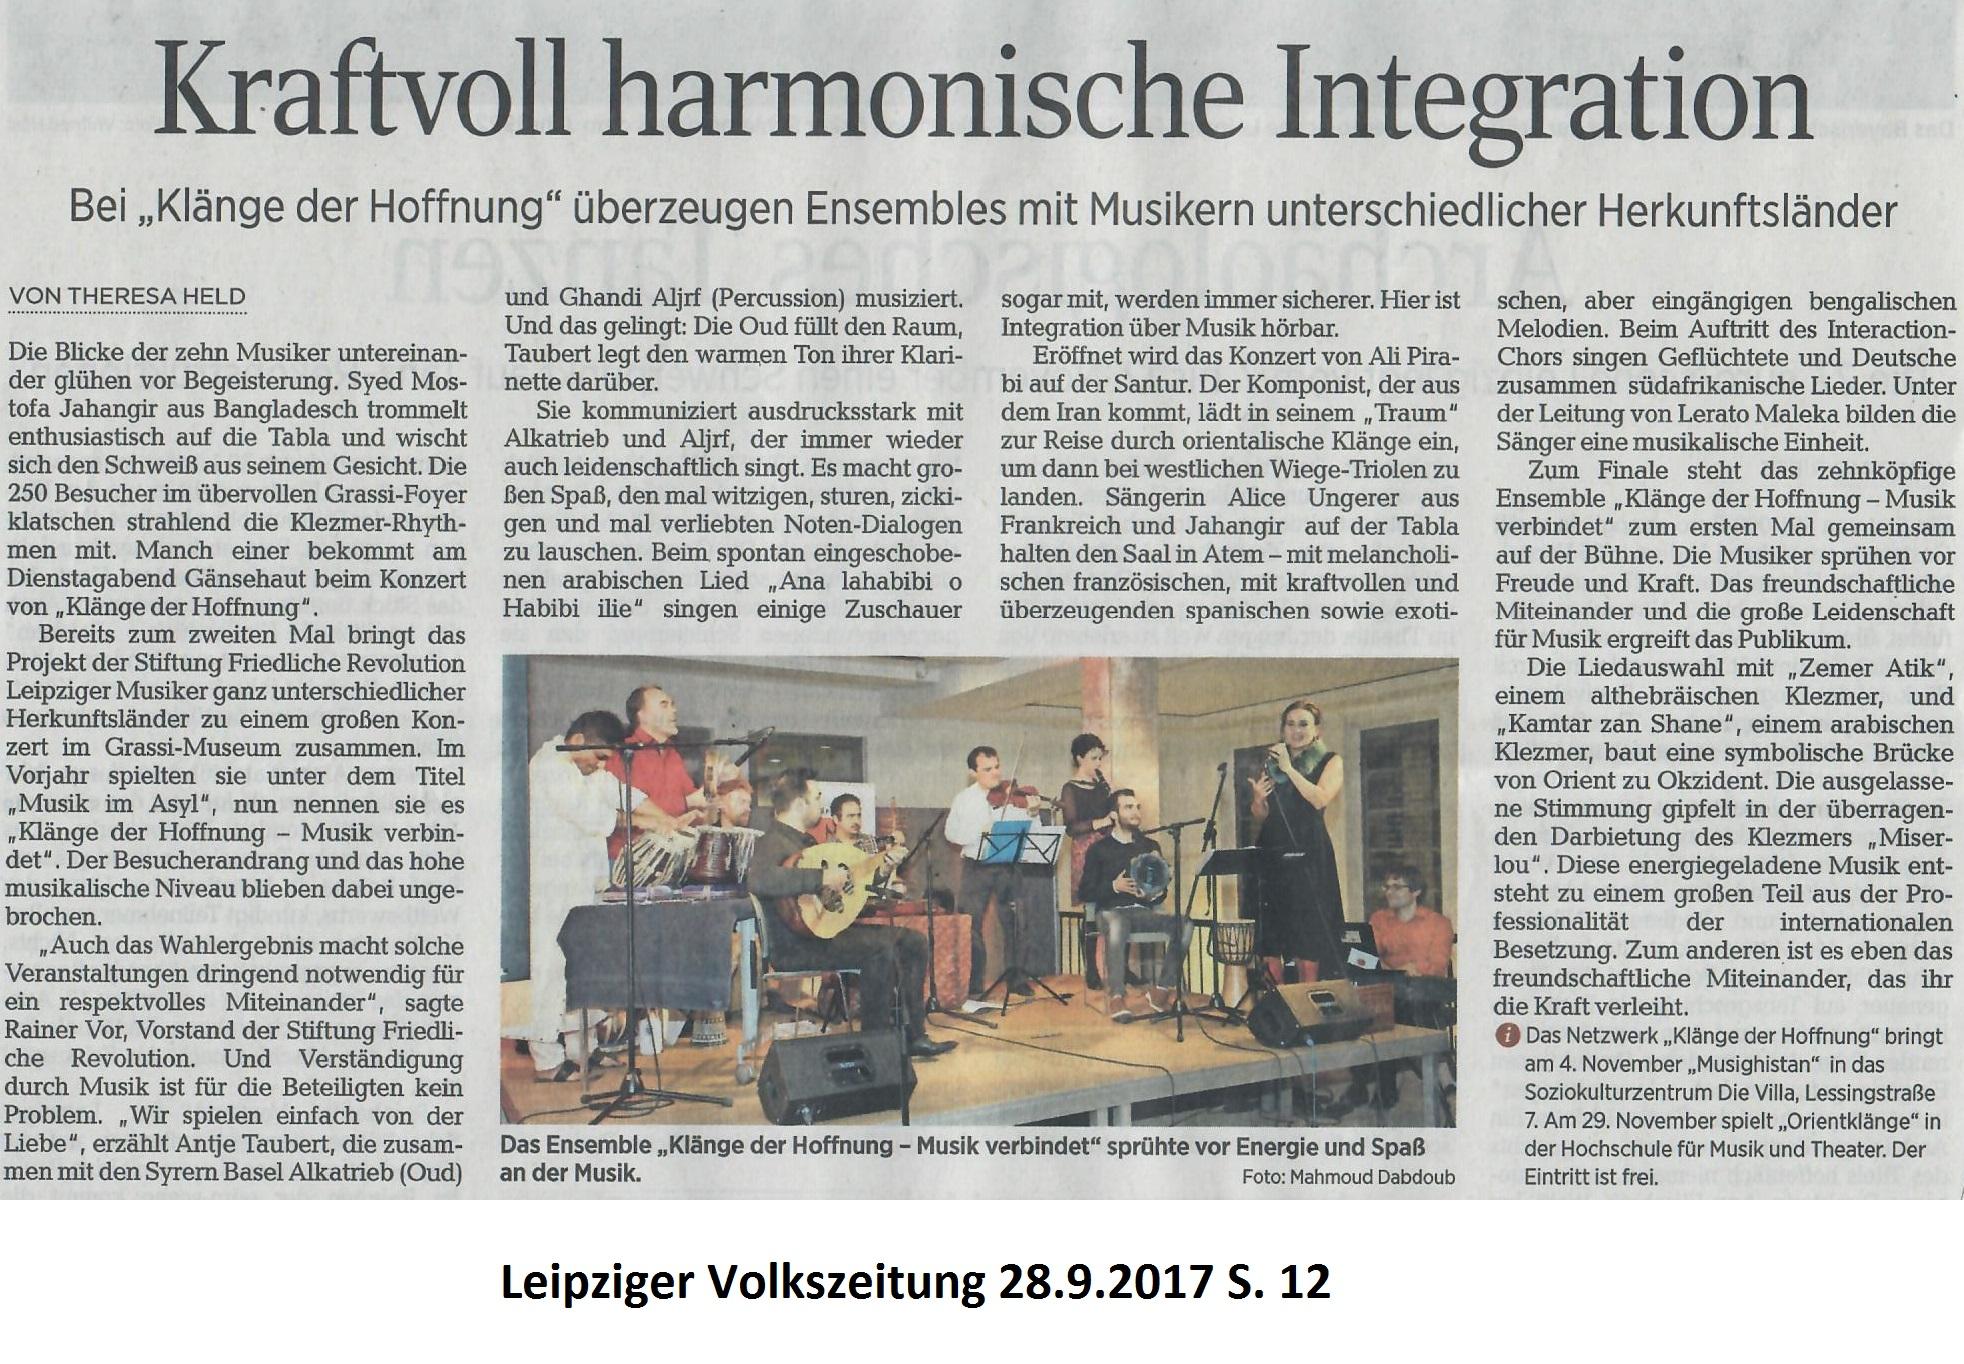 Kraftvolle Harmonische Integration - Leipziger Volkszeitung 28.9. S. 12